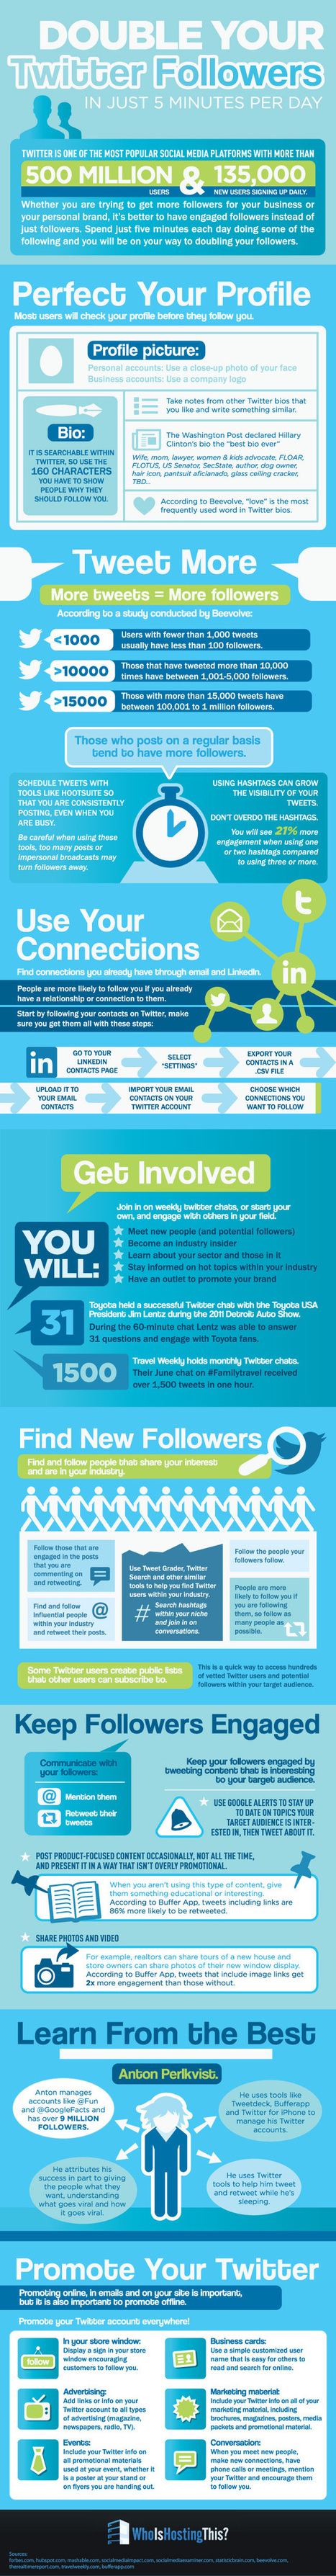 Verdubbel het aantal Twittervolgers in 5 minuten per dag [+ infographic] | Twittermania | #Solliciteren #Netwerken # Social Media | Scoop.it